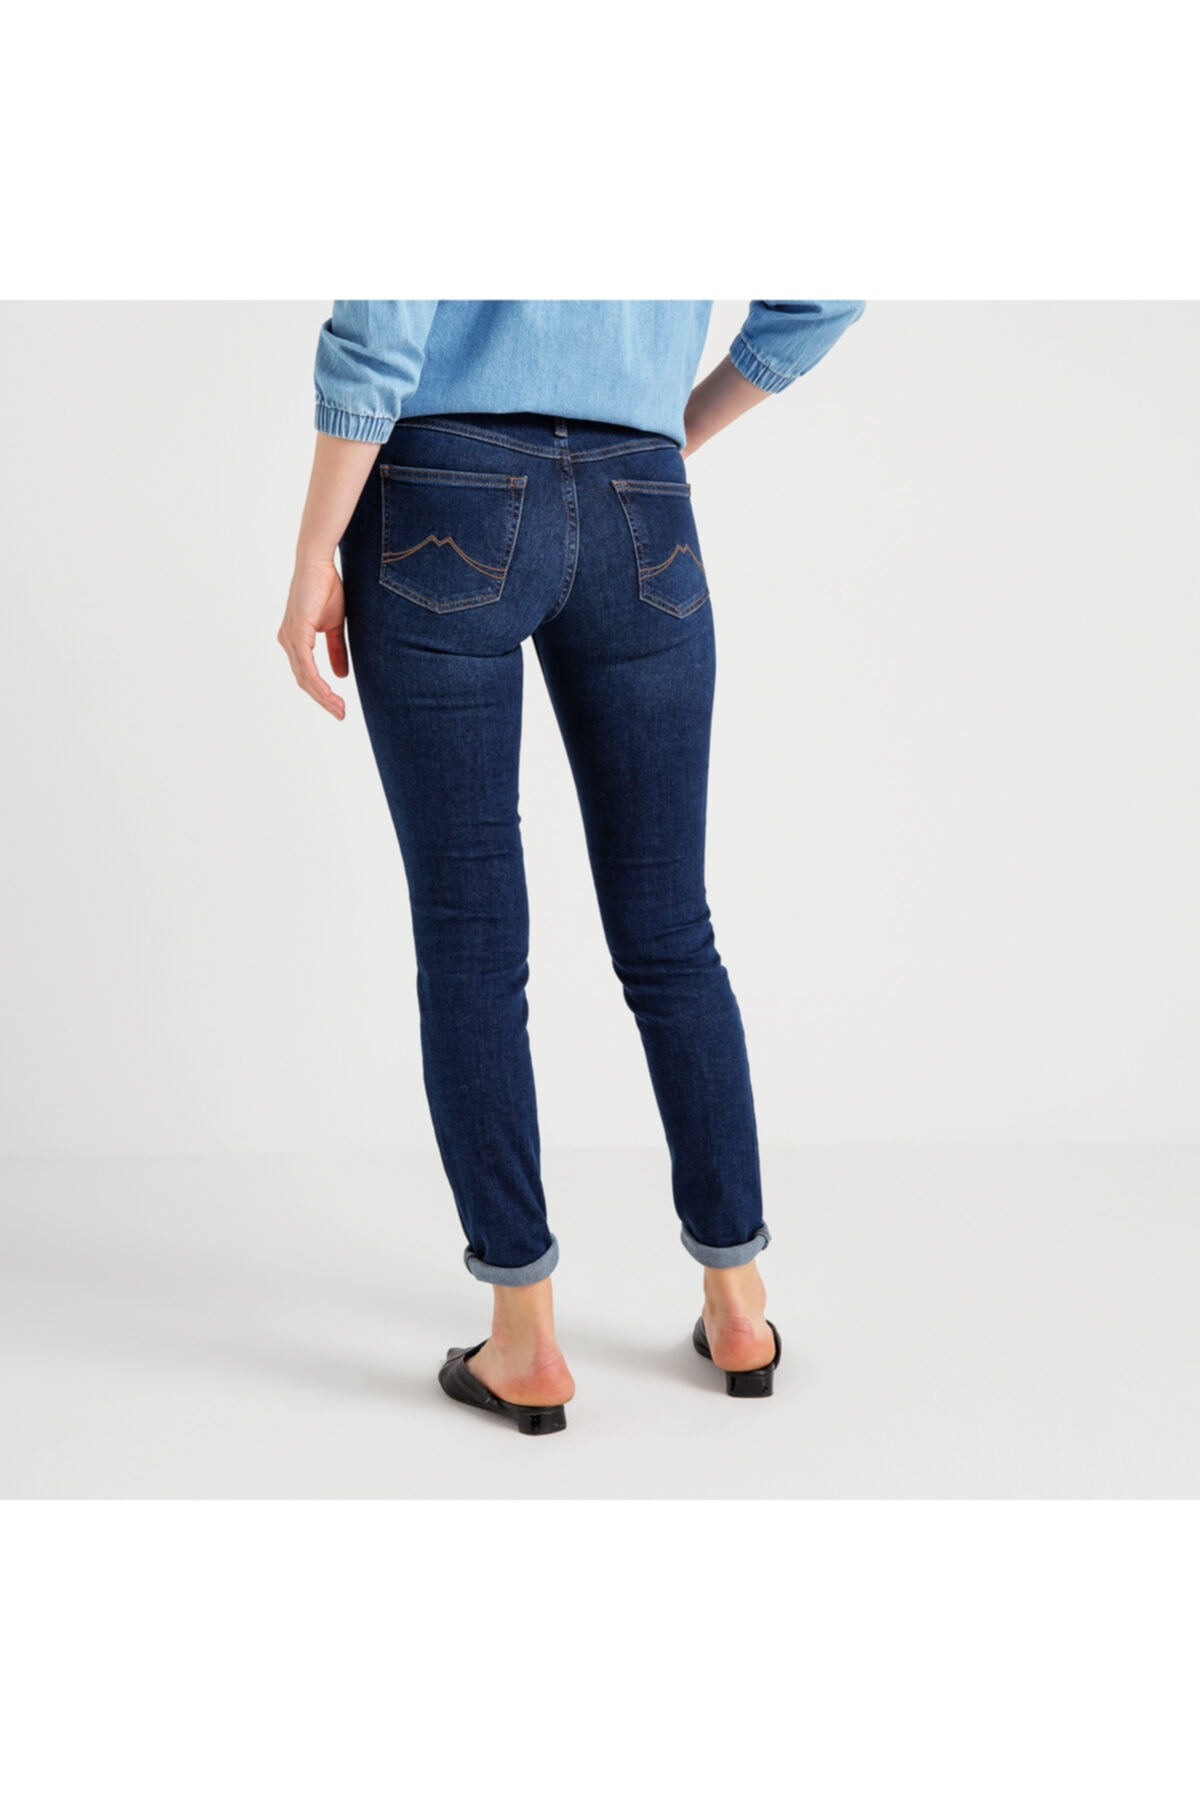 Mustang Jasmın Jeggıns Kadın Jean Pantolon Lacivert 2